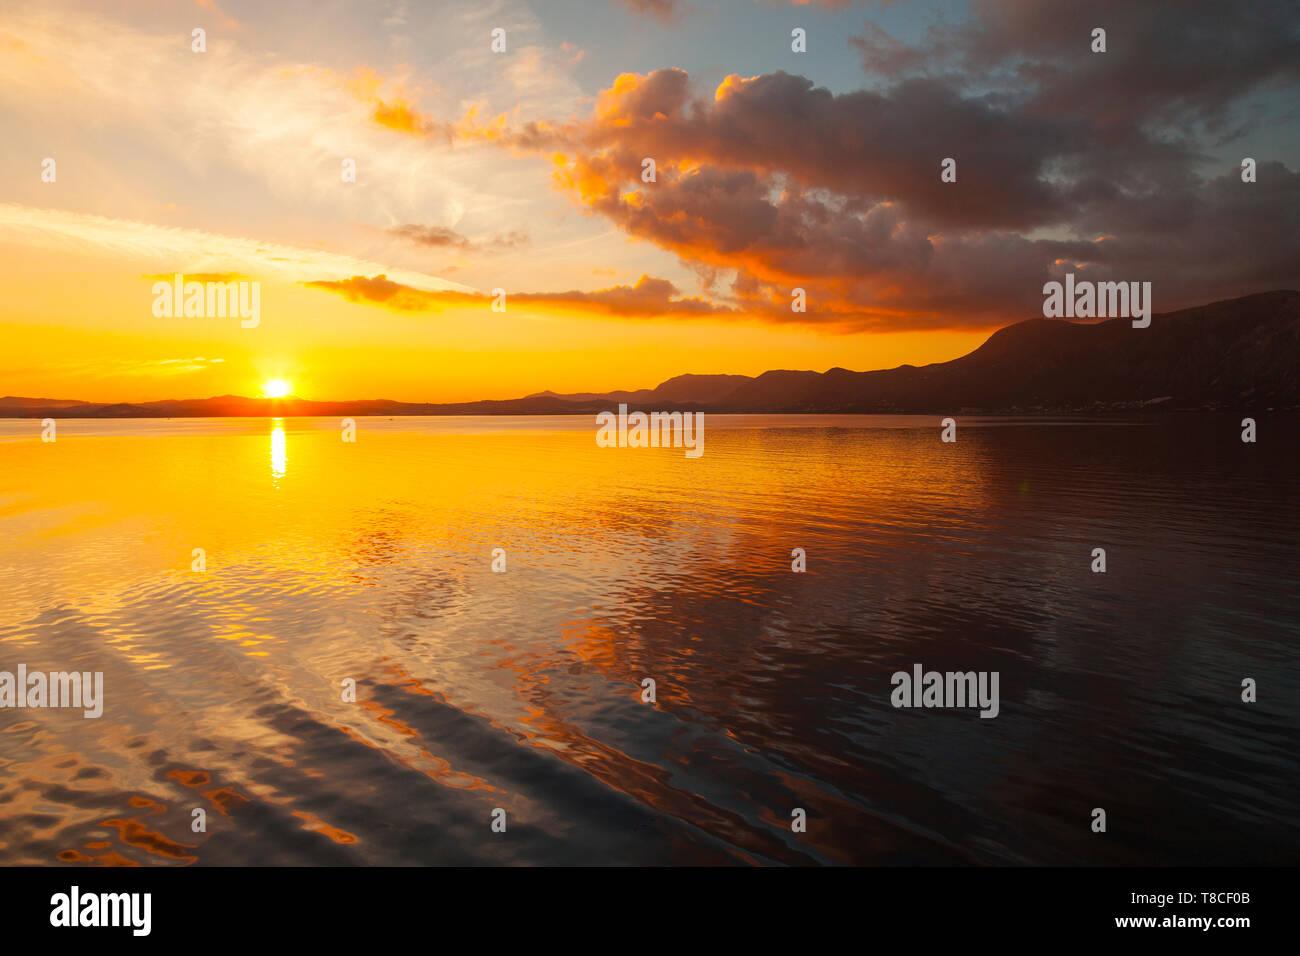 Isla Corfú, Islas Jónicas, Grecia, Mar Mediterráneo - Stock Image